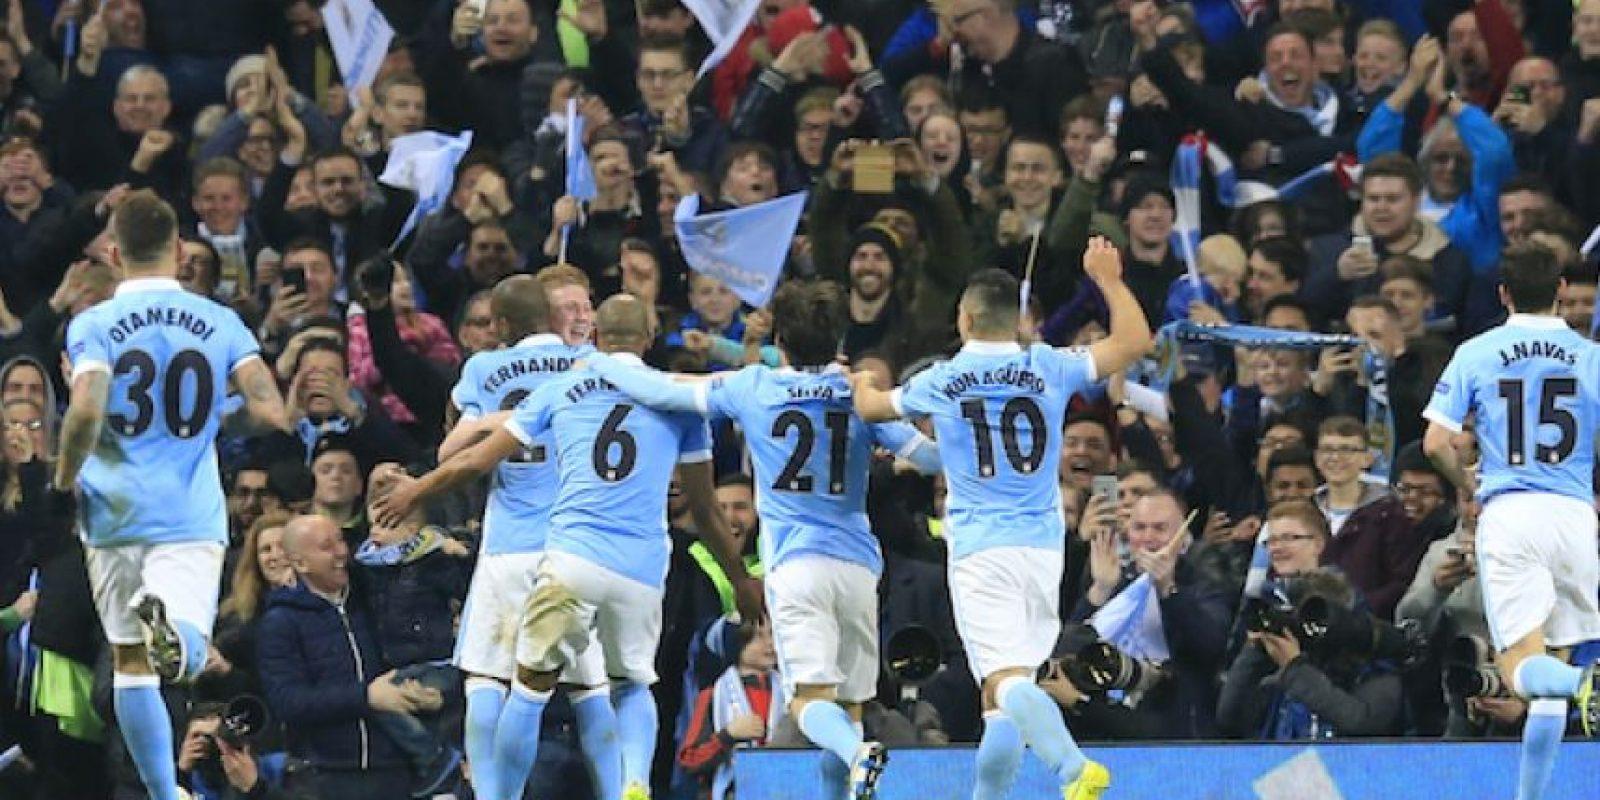 Manchester City elimina al PSG y accede por primera vez a semifinales Foto:AP